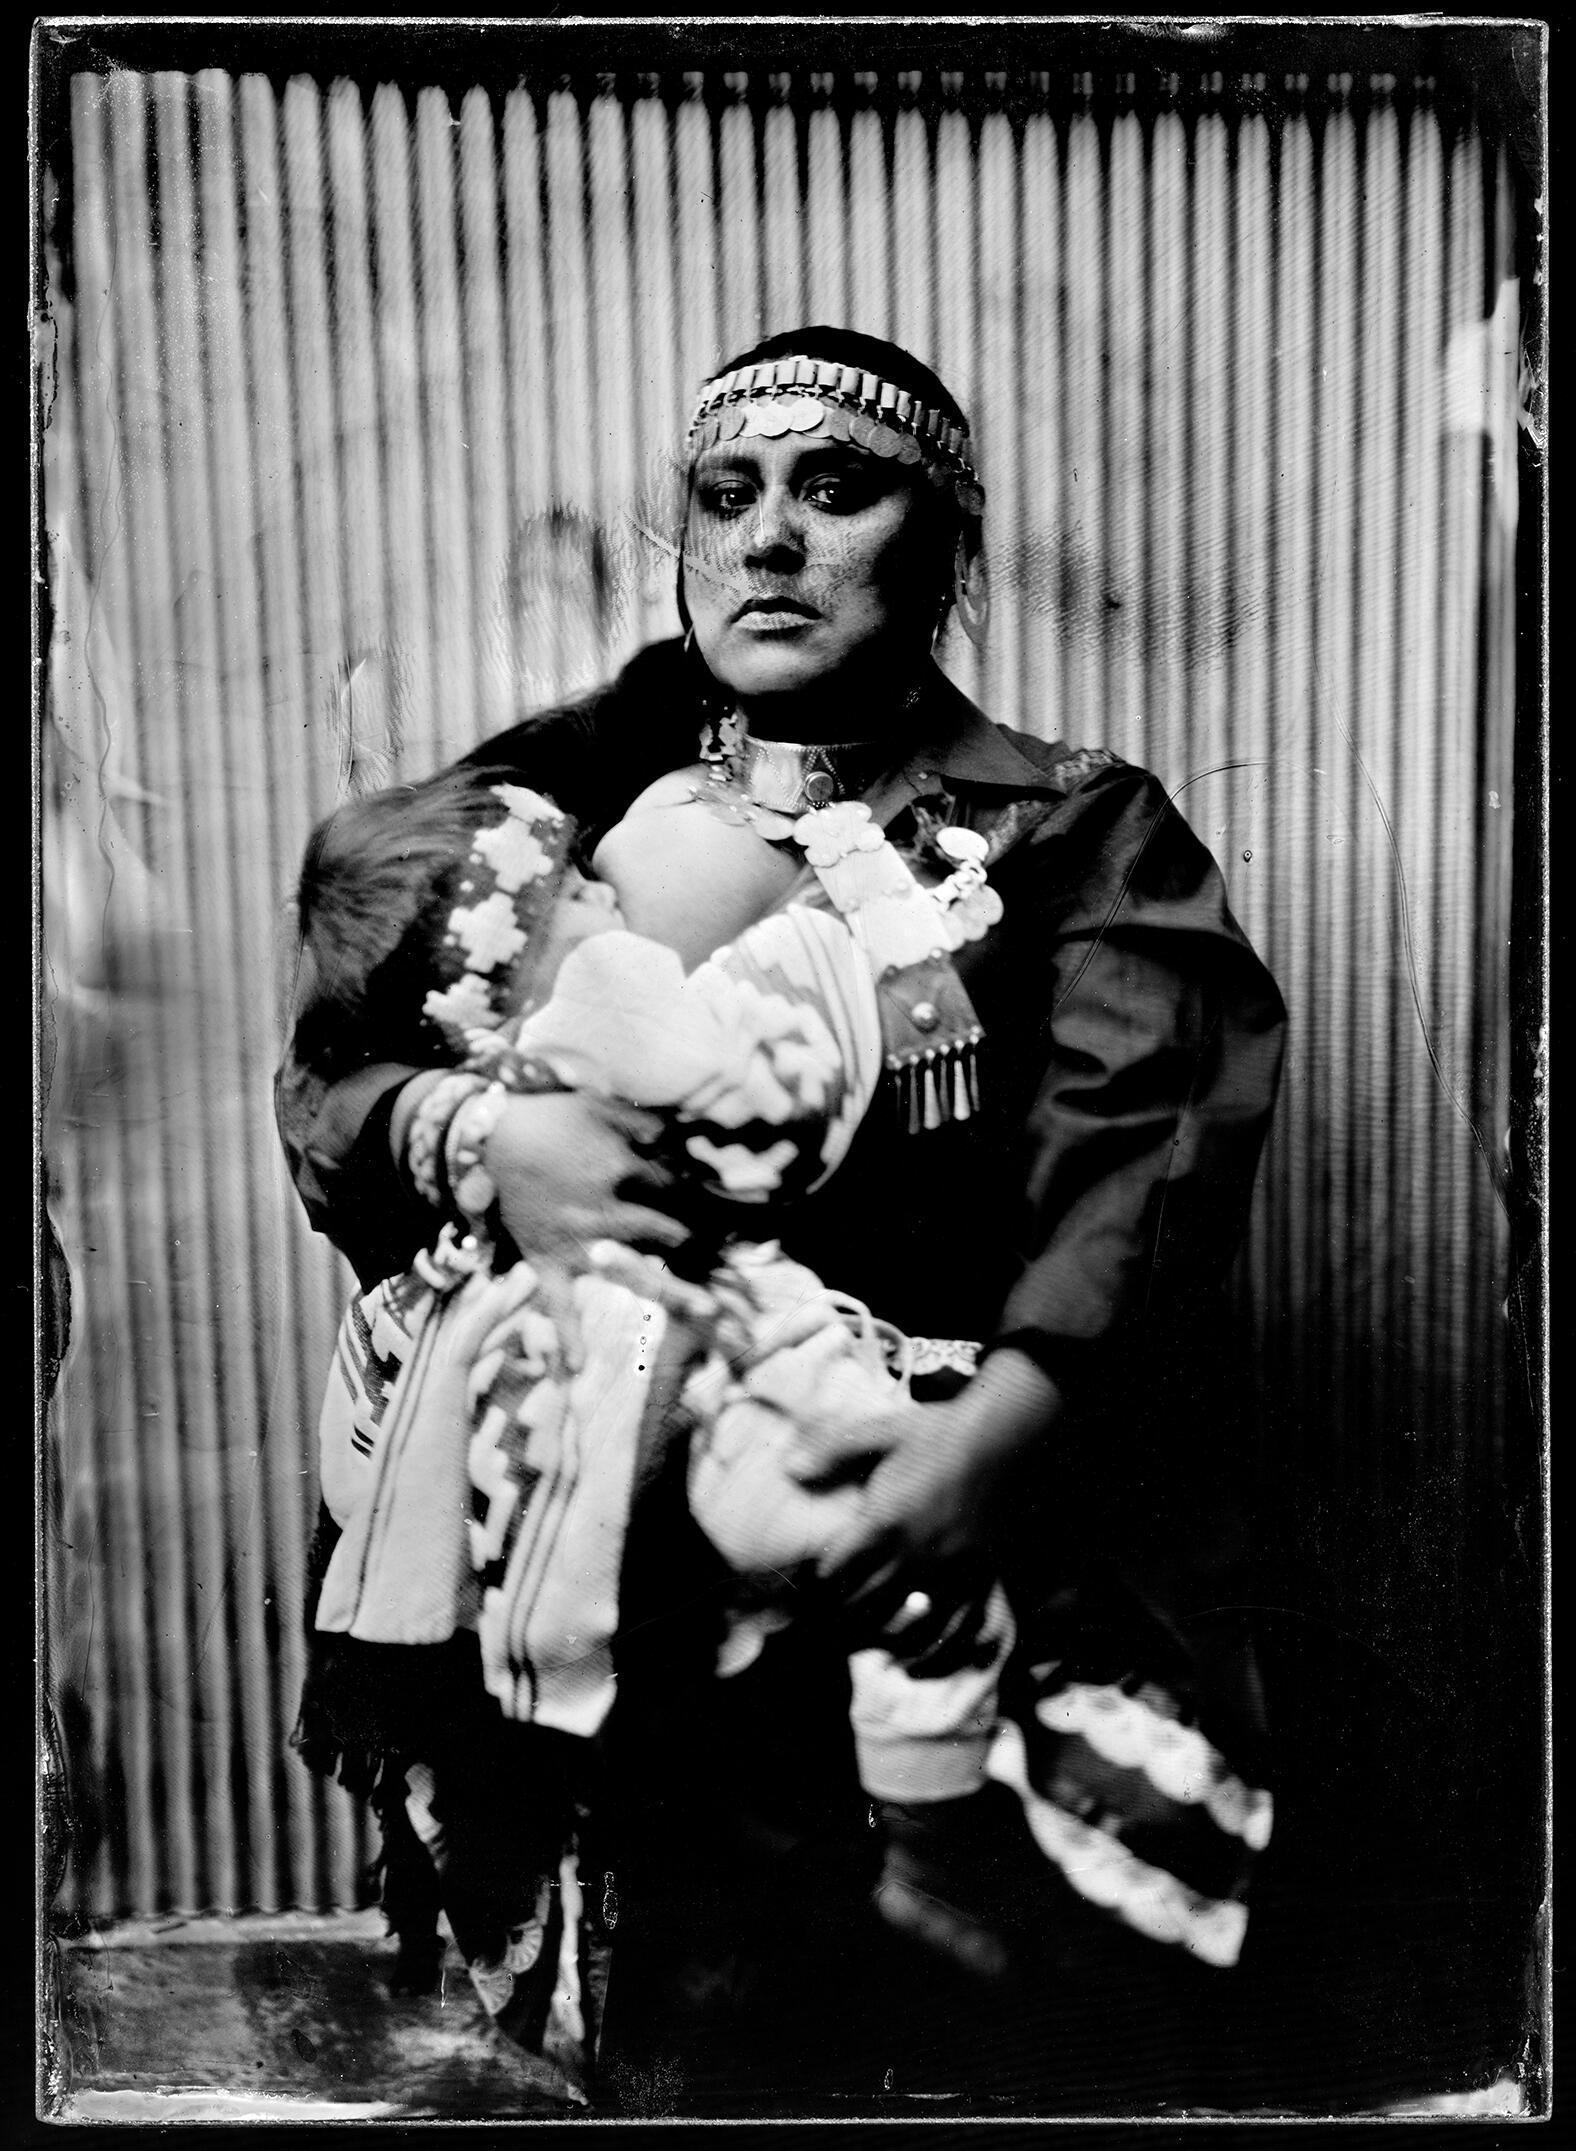 Retrato de Ana Millaleo, rapera del colectivo wechekeche,  vestida con ropa tradicional mapuche.